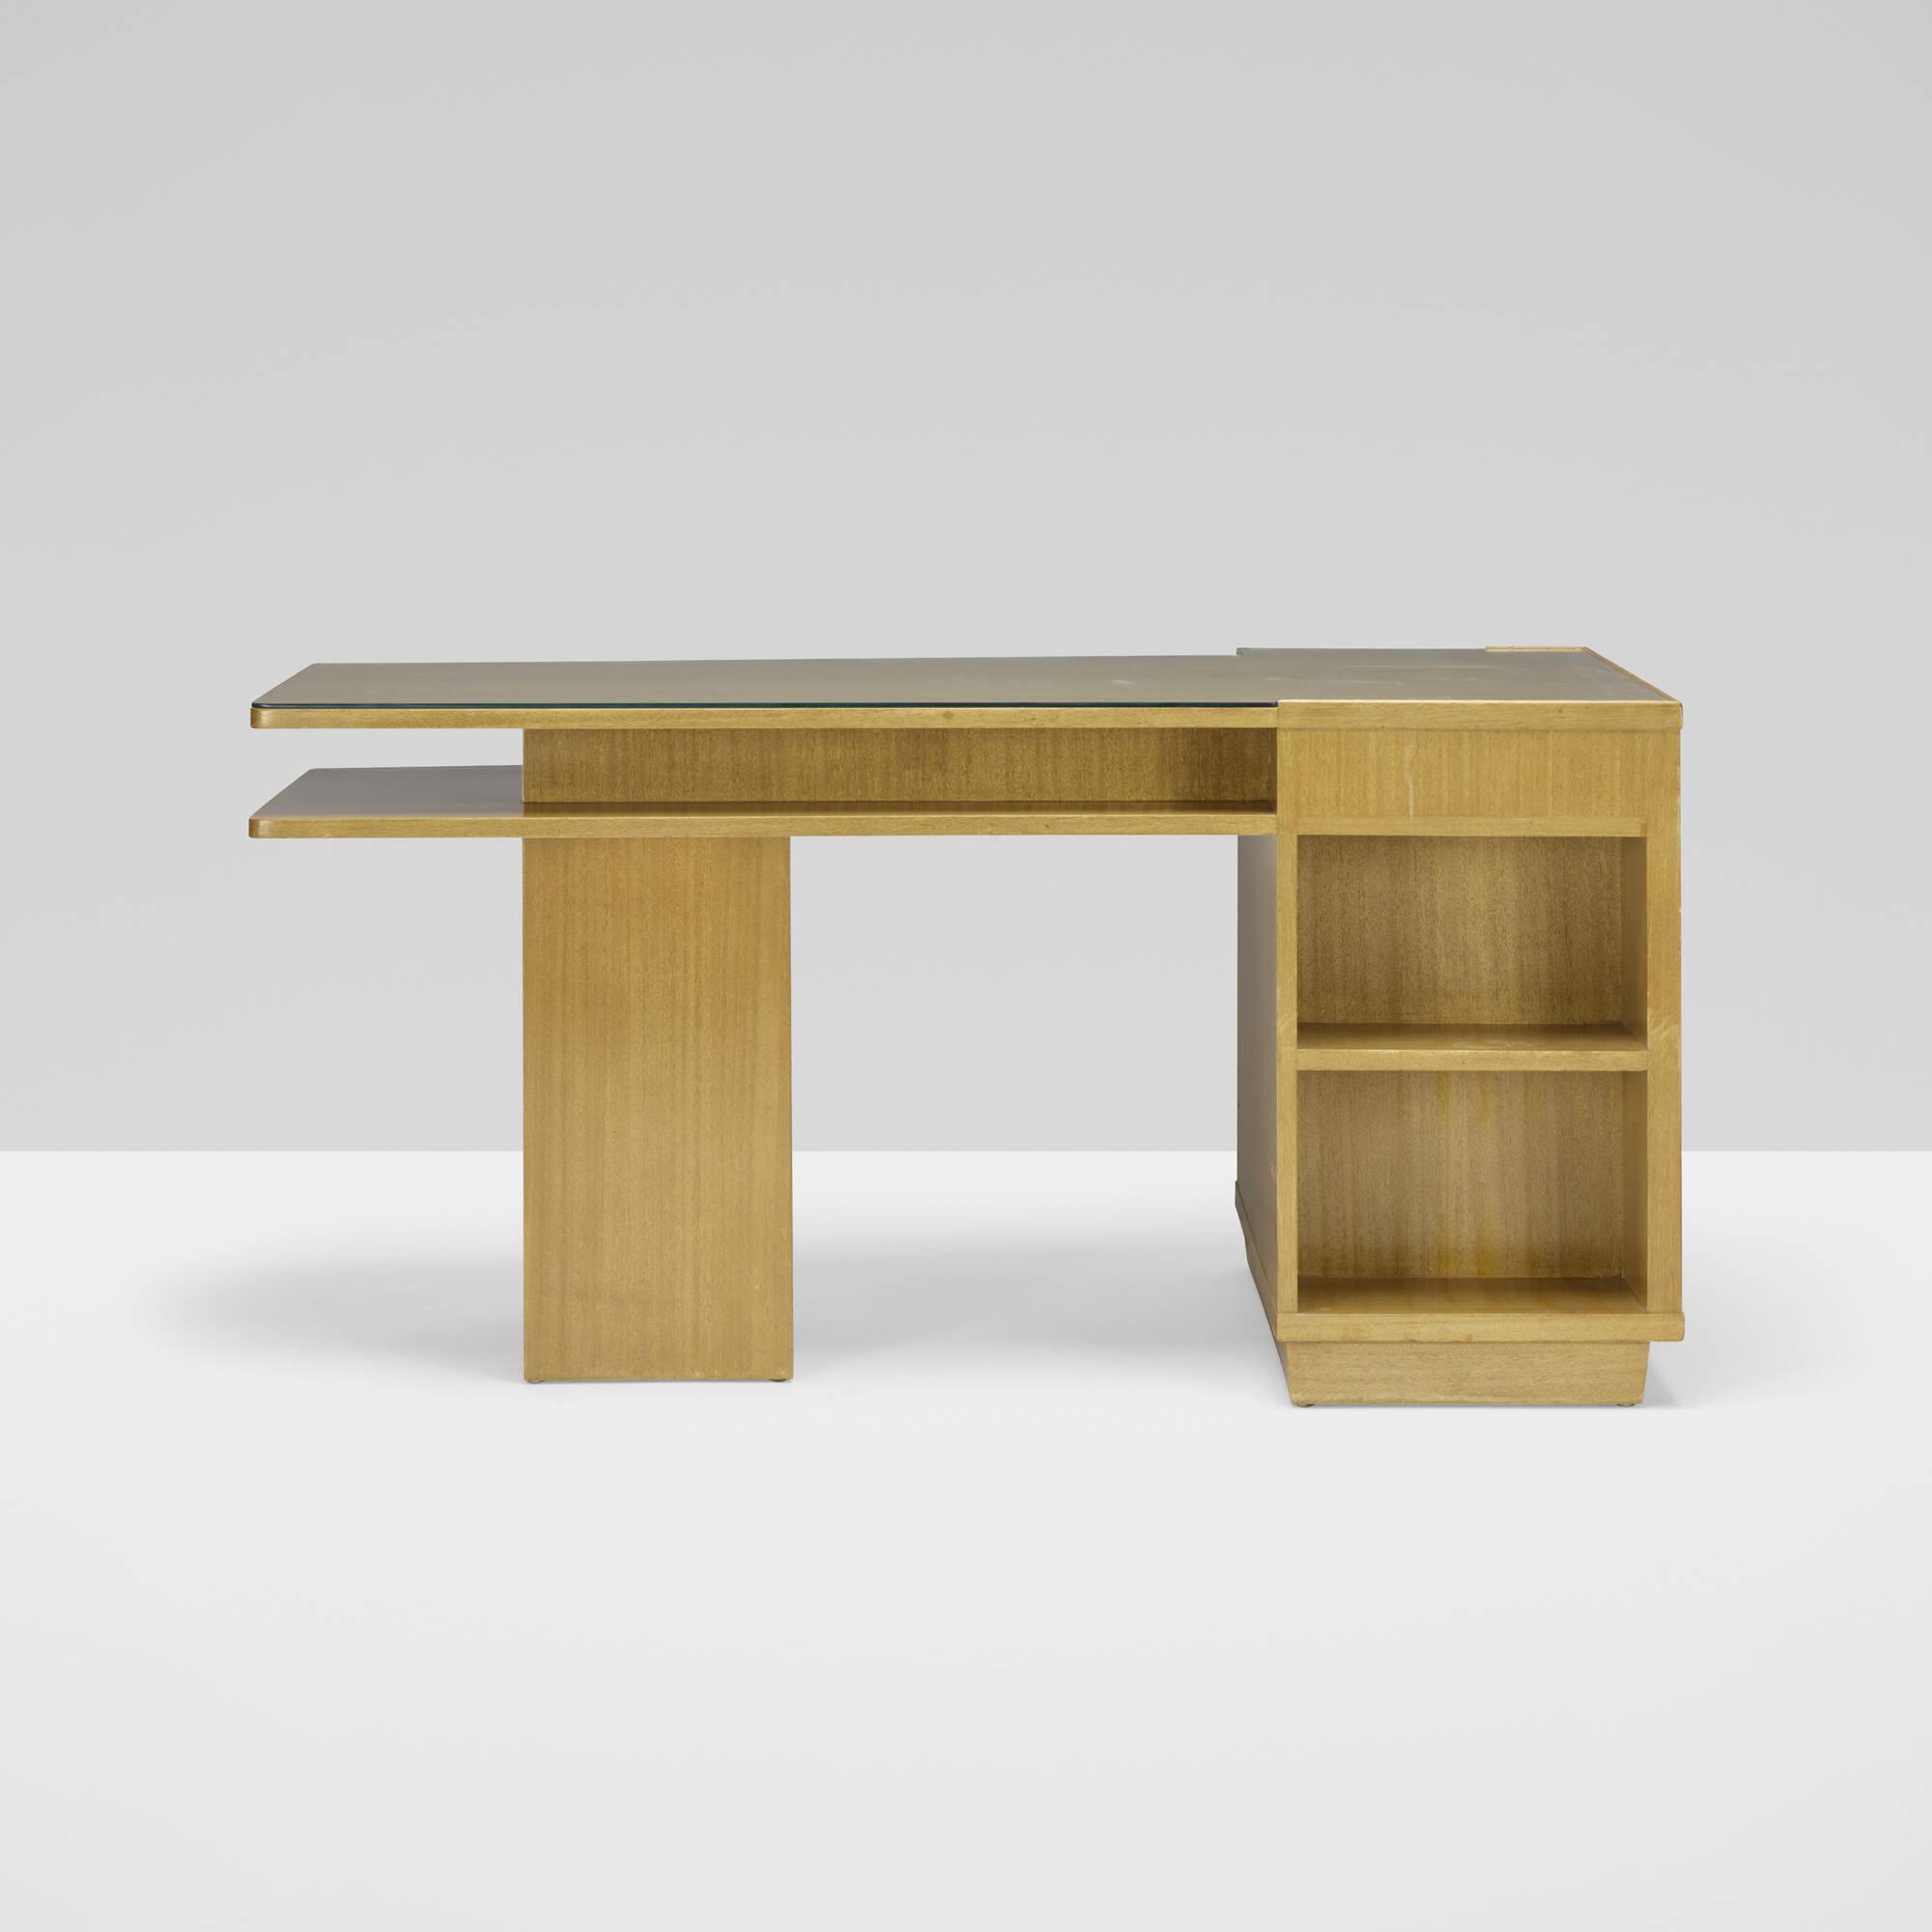 347: Edward Wormley / desk (3 of 4)